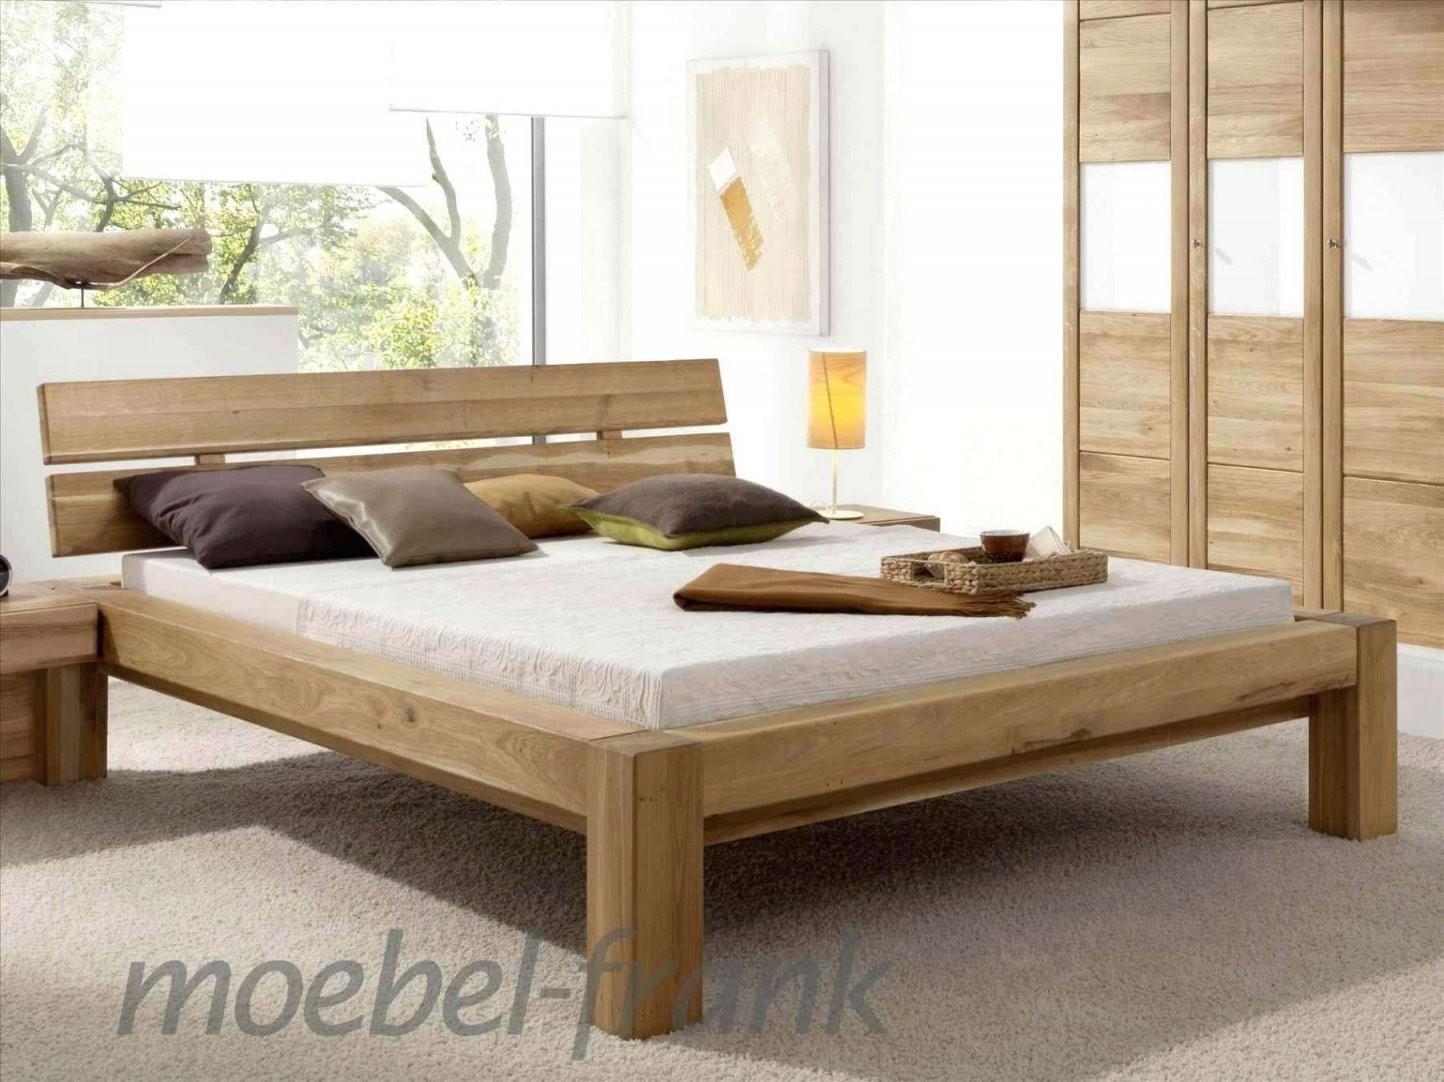 Doppelbett Gebraucht Neu Bett Selber Bauen Holz Best Selbst Haus von Bett Selber Bauen Holz Bild